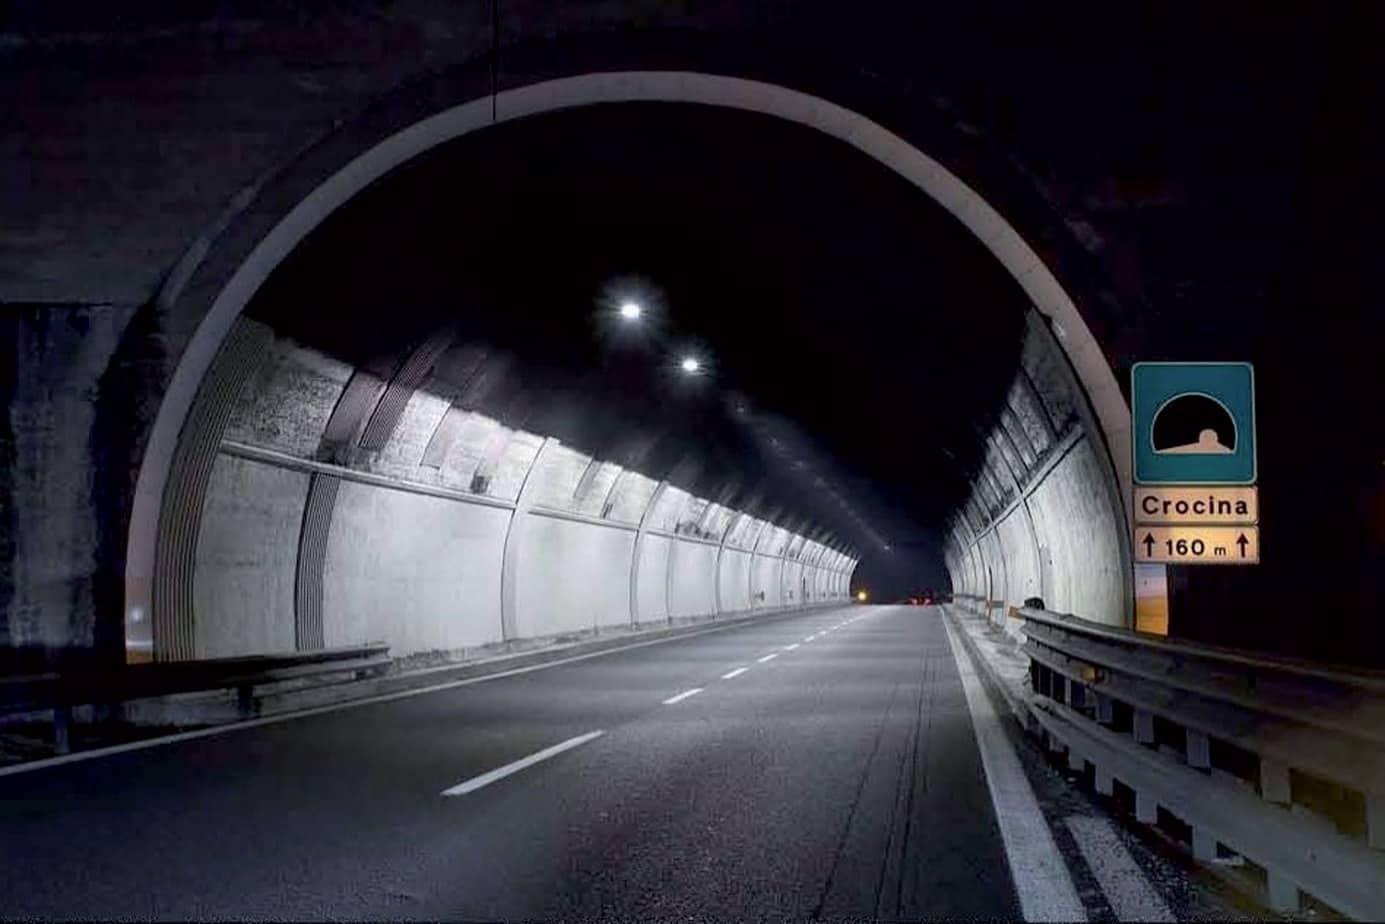 L'illuminazione a LED della galleria Crocina (della lunghezza di 160 m e a disposizione monofilare) sulla A1 al km 355 (direzione Nord). Il progetto ha previsto la sostituzione di 21 apparecchi esistenti al sodio (100 Watt) con apparecchi da 60 LED dotati di ottica stradale asimmetrica (tipo PR). L'installazione è stata effettuata su una canalina esistente posta a un'altezza di circa 5 m dal piano stradale. La potenza nominale installata è inferiore del 40% rispetto all'impianto preesistente. La luminanza media al suolo è di 2,31 cd/m2 (U0 = 0,45; Ul = 0,74). La luminanza media ottenuta sulle pareti è rispettivamente di 2,82 cd/m2 e di 3,27 cd/m2, con uniformità generali U0 > 0,60 e longitudinali Ul > 0,75 su entrambe le pareti